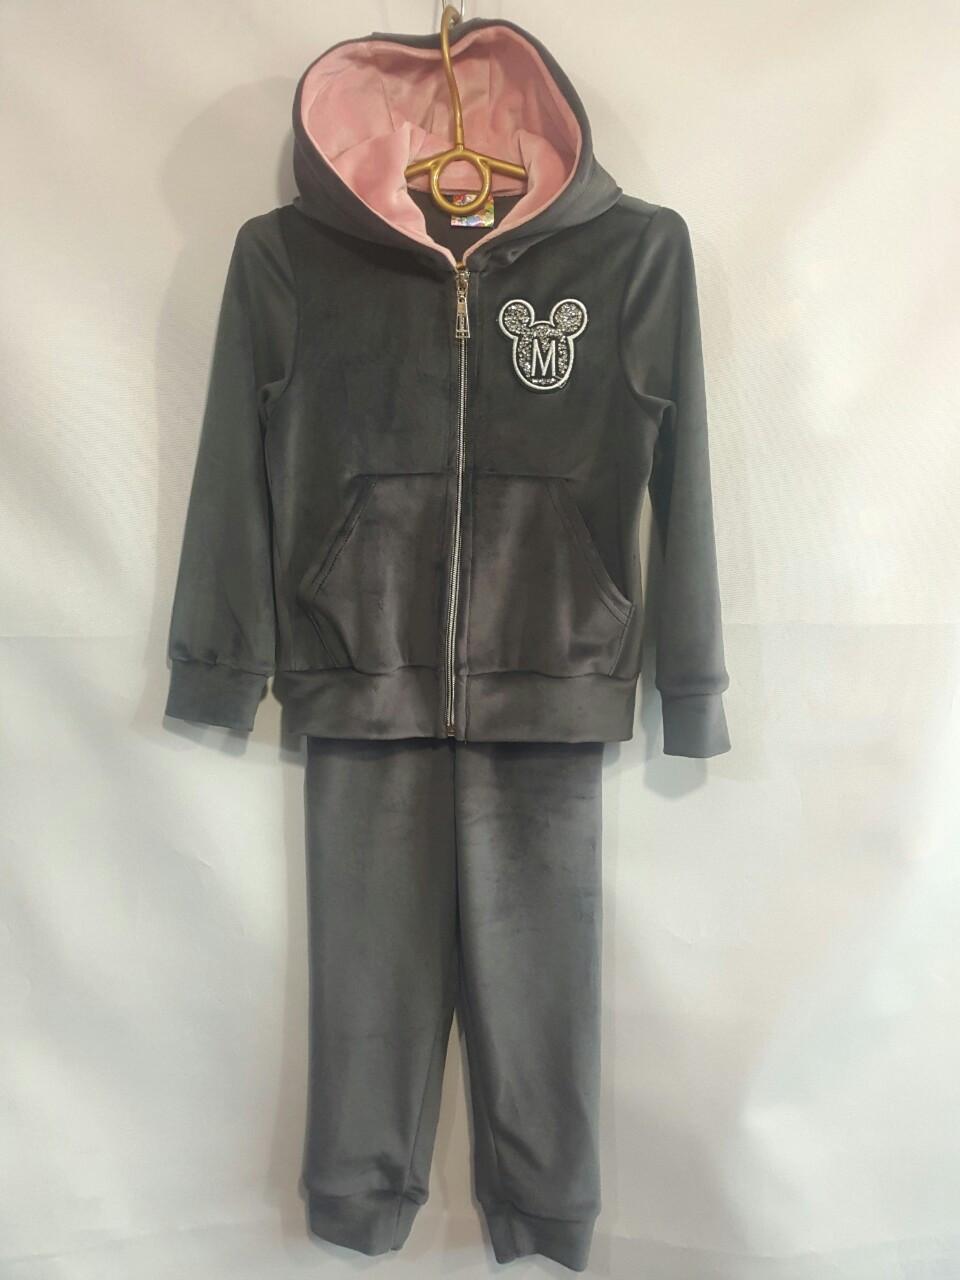 Спортивный велюровый костюм  #1920 для девочек. 4-7 лет (104-122 см). Серый. Оптом